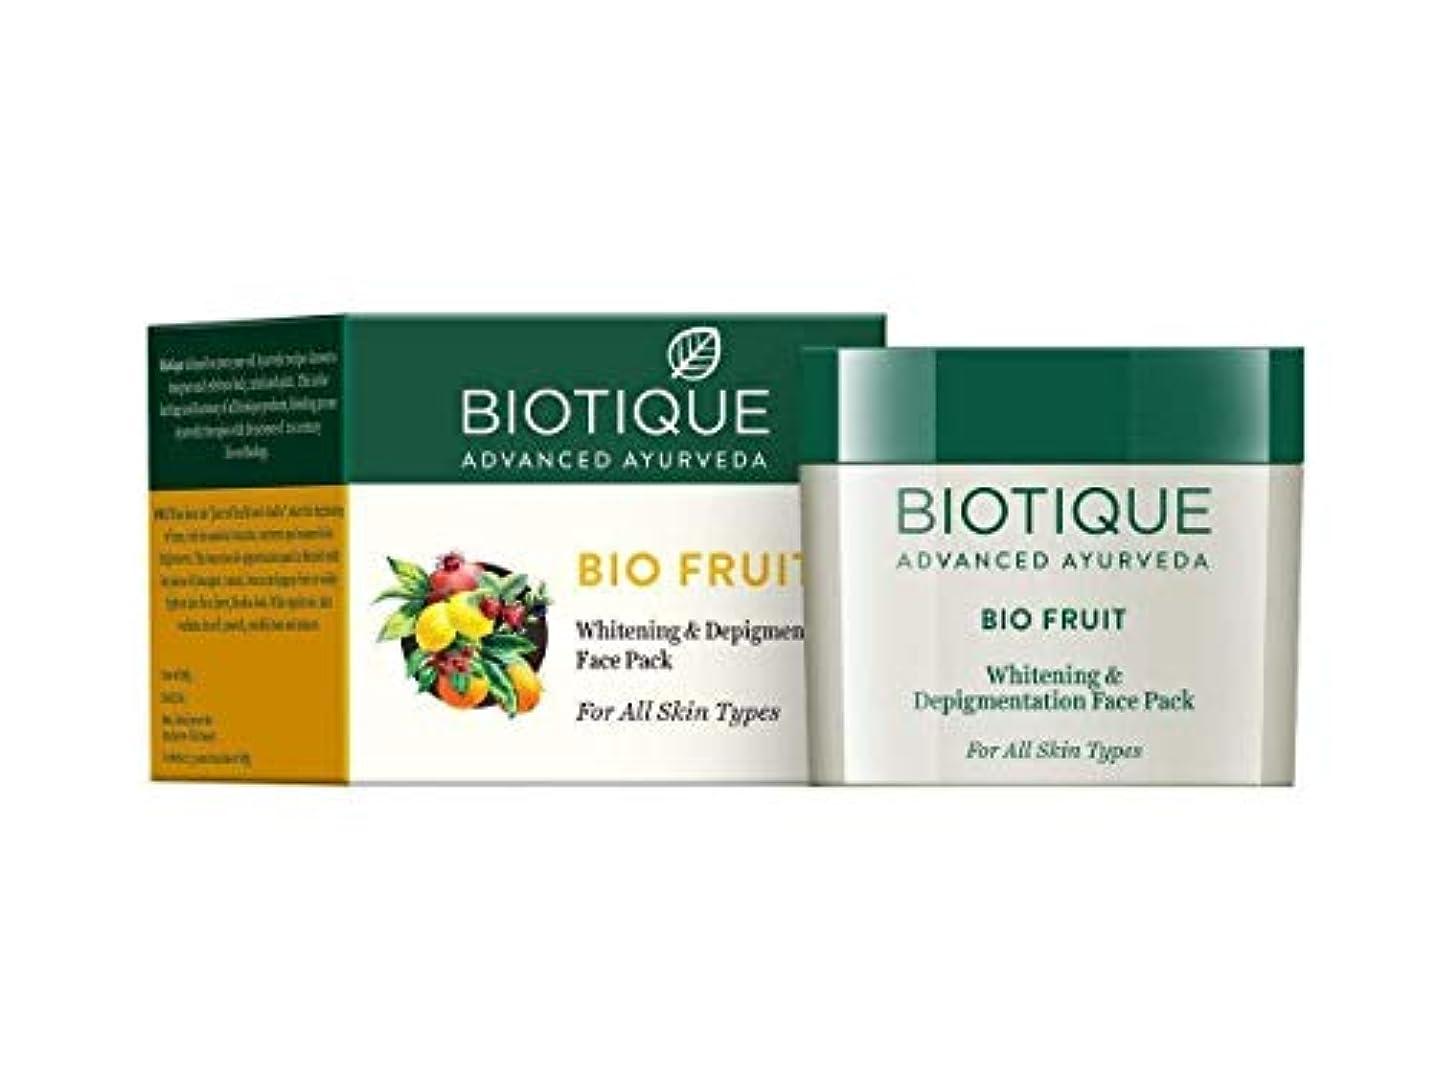 時間居眠りするイデオロギーBiotique Fruit Whitening & Depigmentation Face Pack 75g soft smooth Skin tone ビオティックフルーツホワイトニング&デピグメントフェイスパックソフトスムーススキントーン